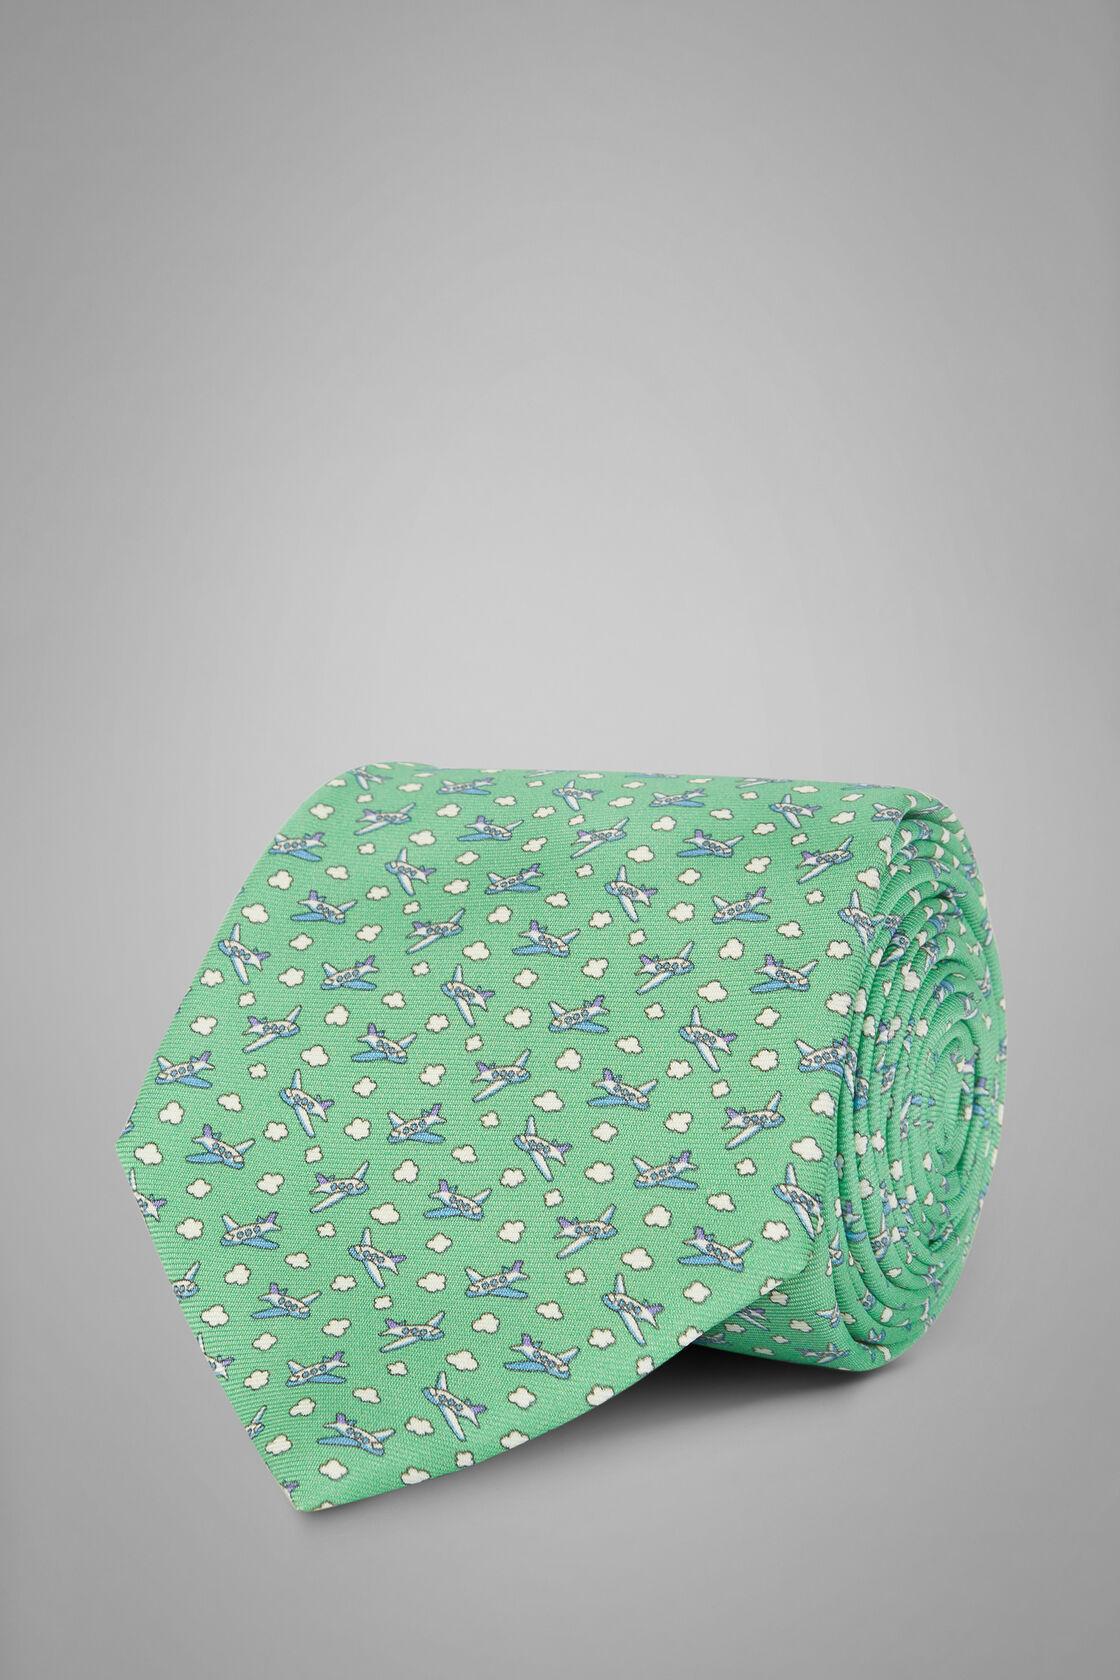 Cravate Avions En Soie Imprimée, vert, hi-res